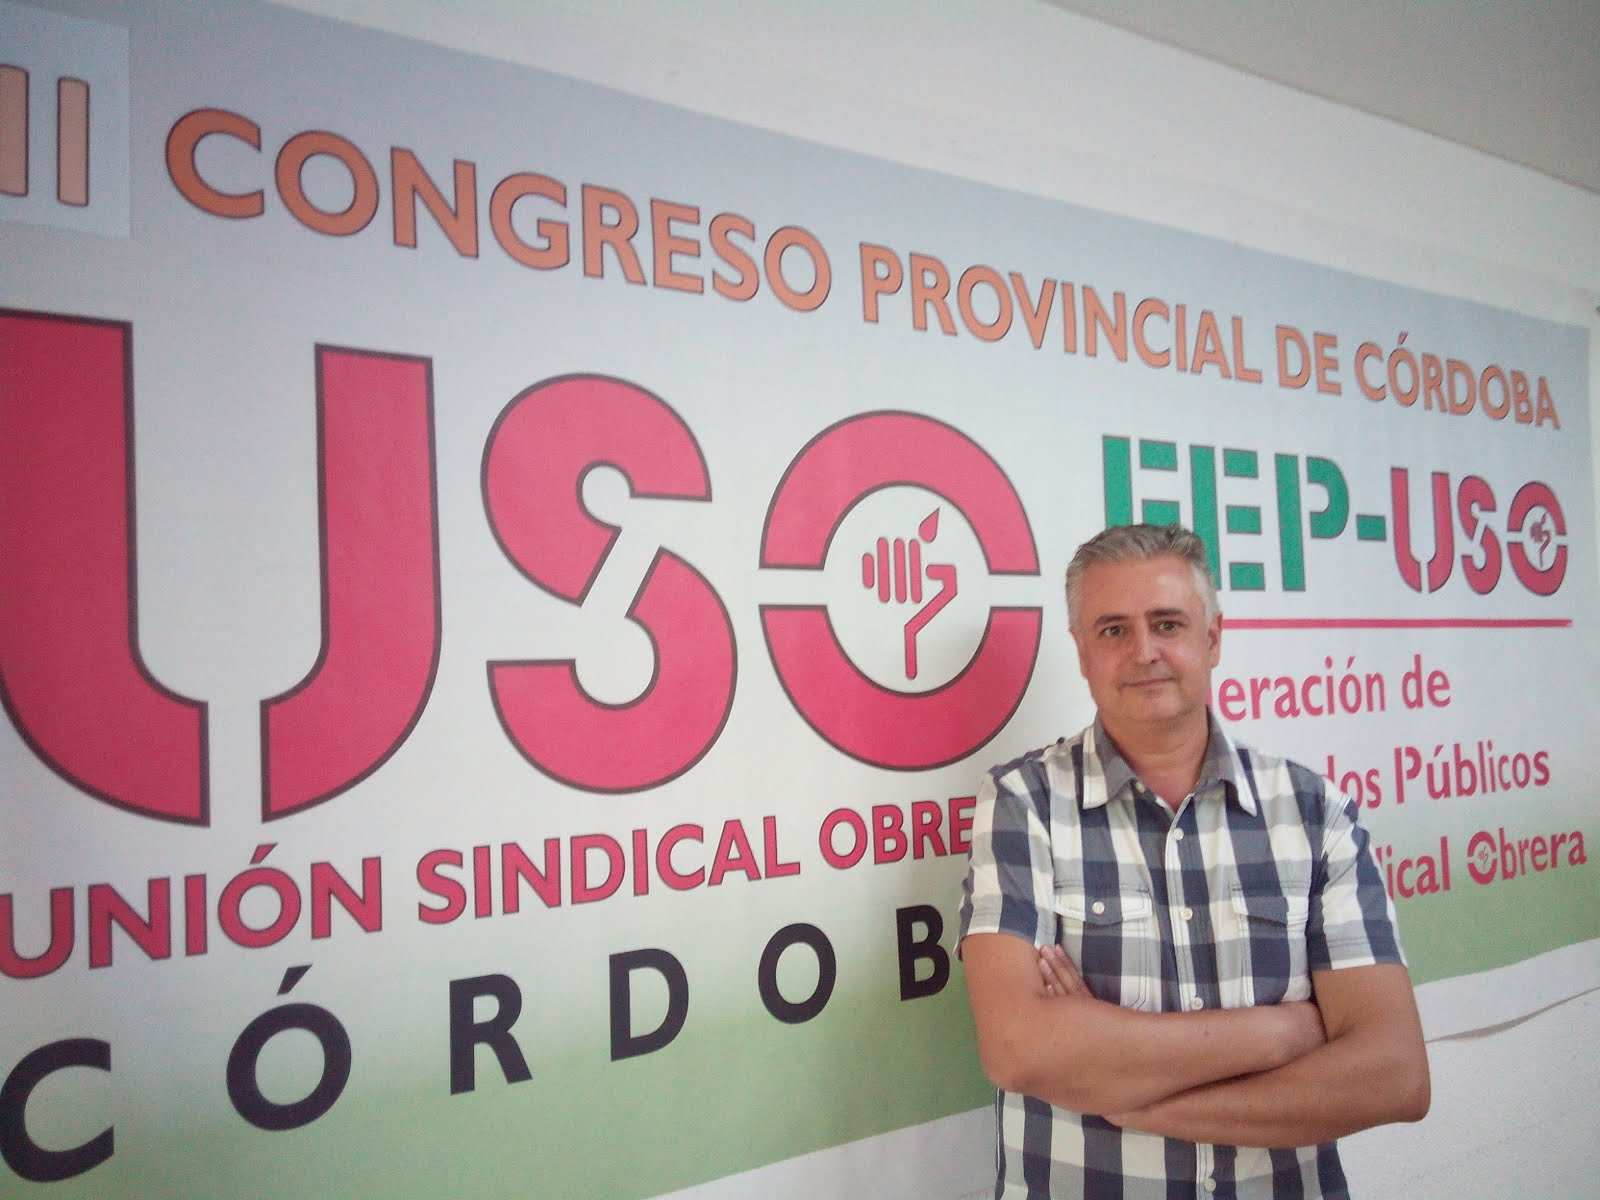 Bienvenida del Secretario General FEP-USO Córdoba.